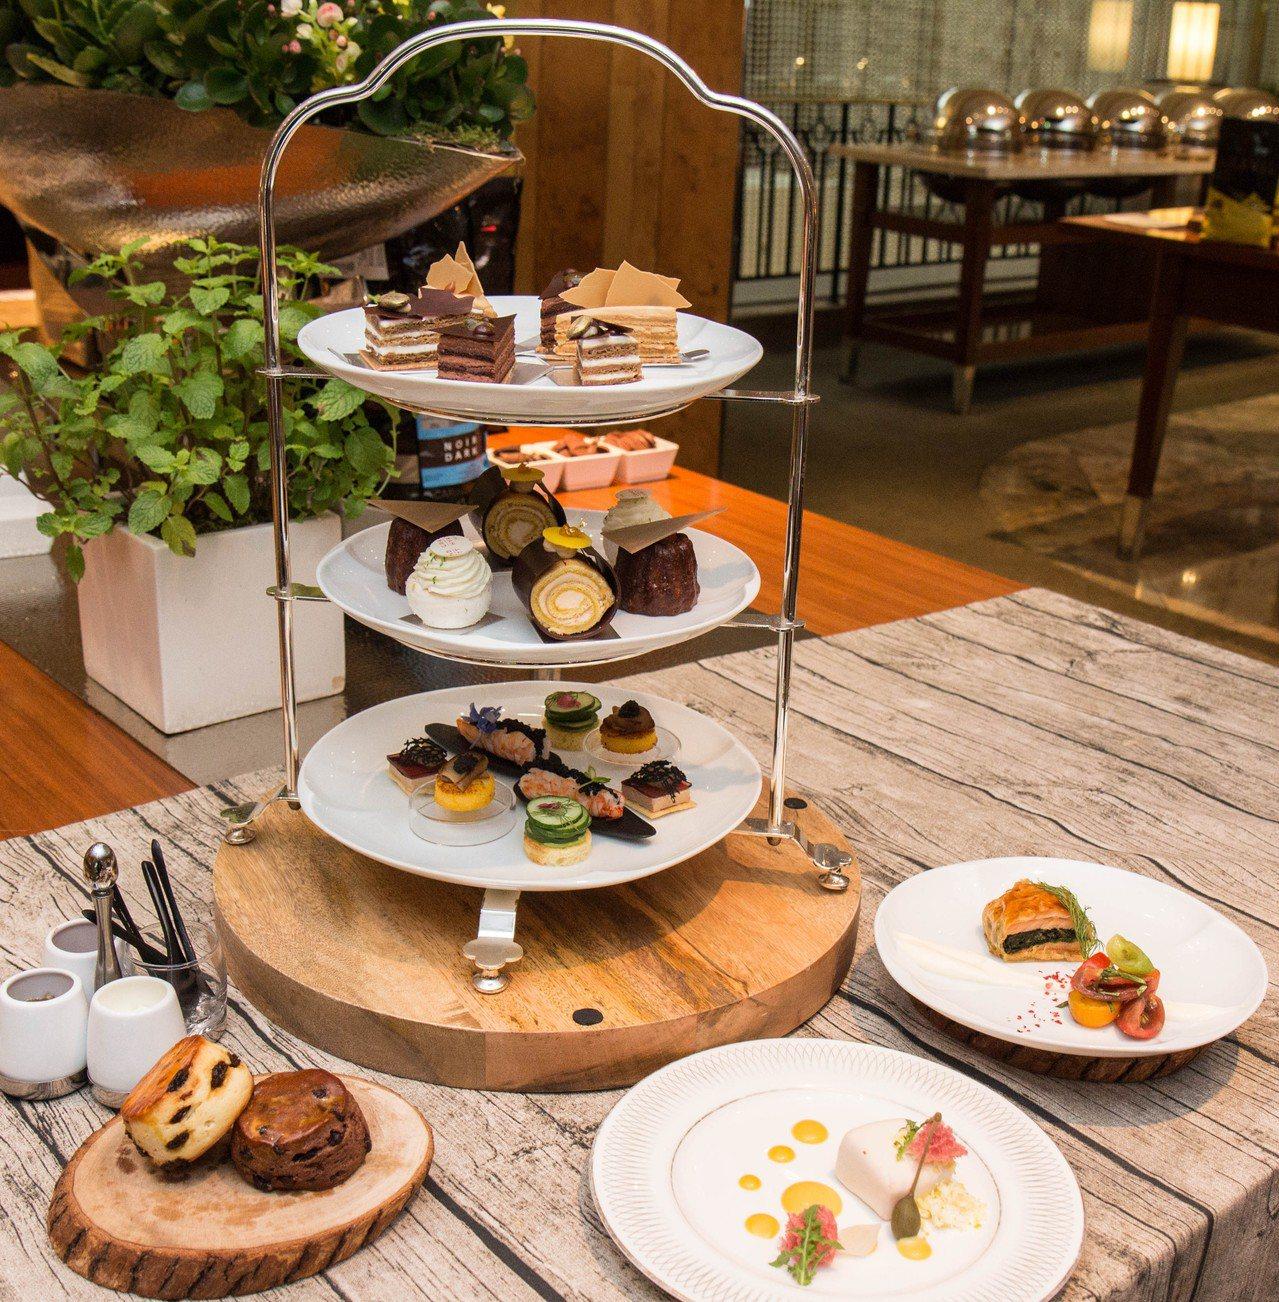 茶苑雙人午茶除了包含三層甜鹹點外,還有兩盤鹹點、司康。圖/台北君悅酒店提供